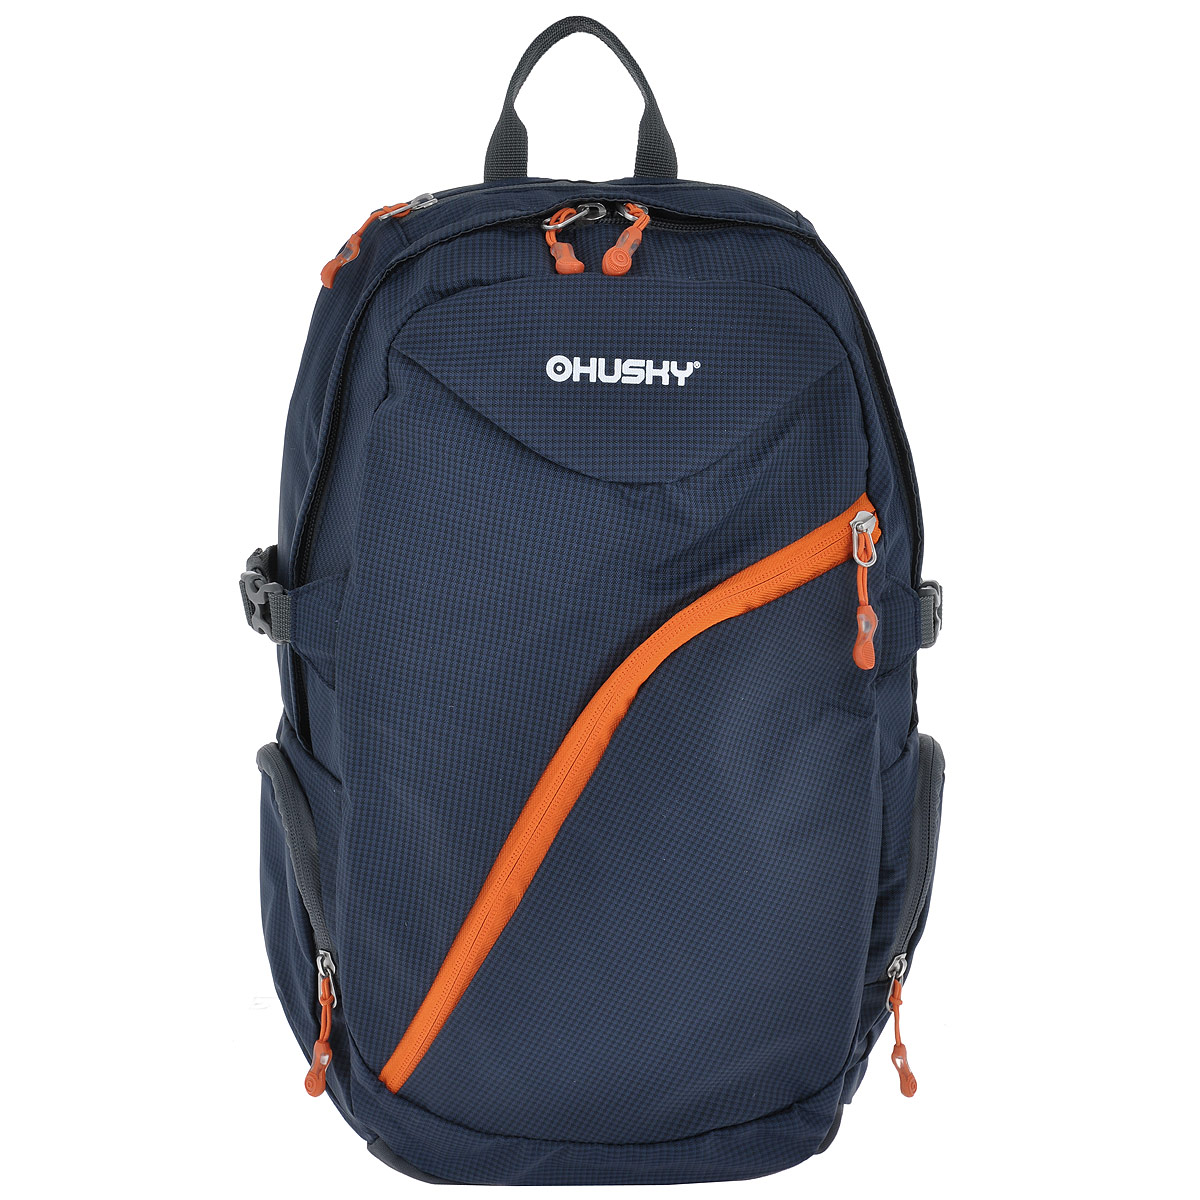 Рюкзак городской Husky Nexy, цвет: темно-синий, оранжевый, 22 лУТ-000066112Городской рюкзак Husky Nexy изготовлен из водонепроницаемого нейлона, оснащен светоотражающими элементами. Рюкзак содержит одно главное отделение, в котором есть карман для переноски ноутбука или планшета.На лицевой стороне находится карман на молнии, внутри которого расположены 4 накладных кармана для канцелярии. По бокам рюкзака находятся 2 кармана на молнии. Сверху также есть 1 карман на застежке-молнии. Рюкзак очень удобно носить благодаря системе вентиляции спины AMS и широким лямкам.Вес: 550 г.